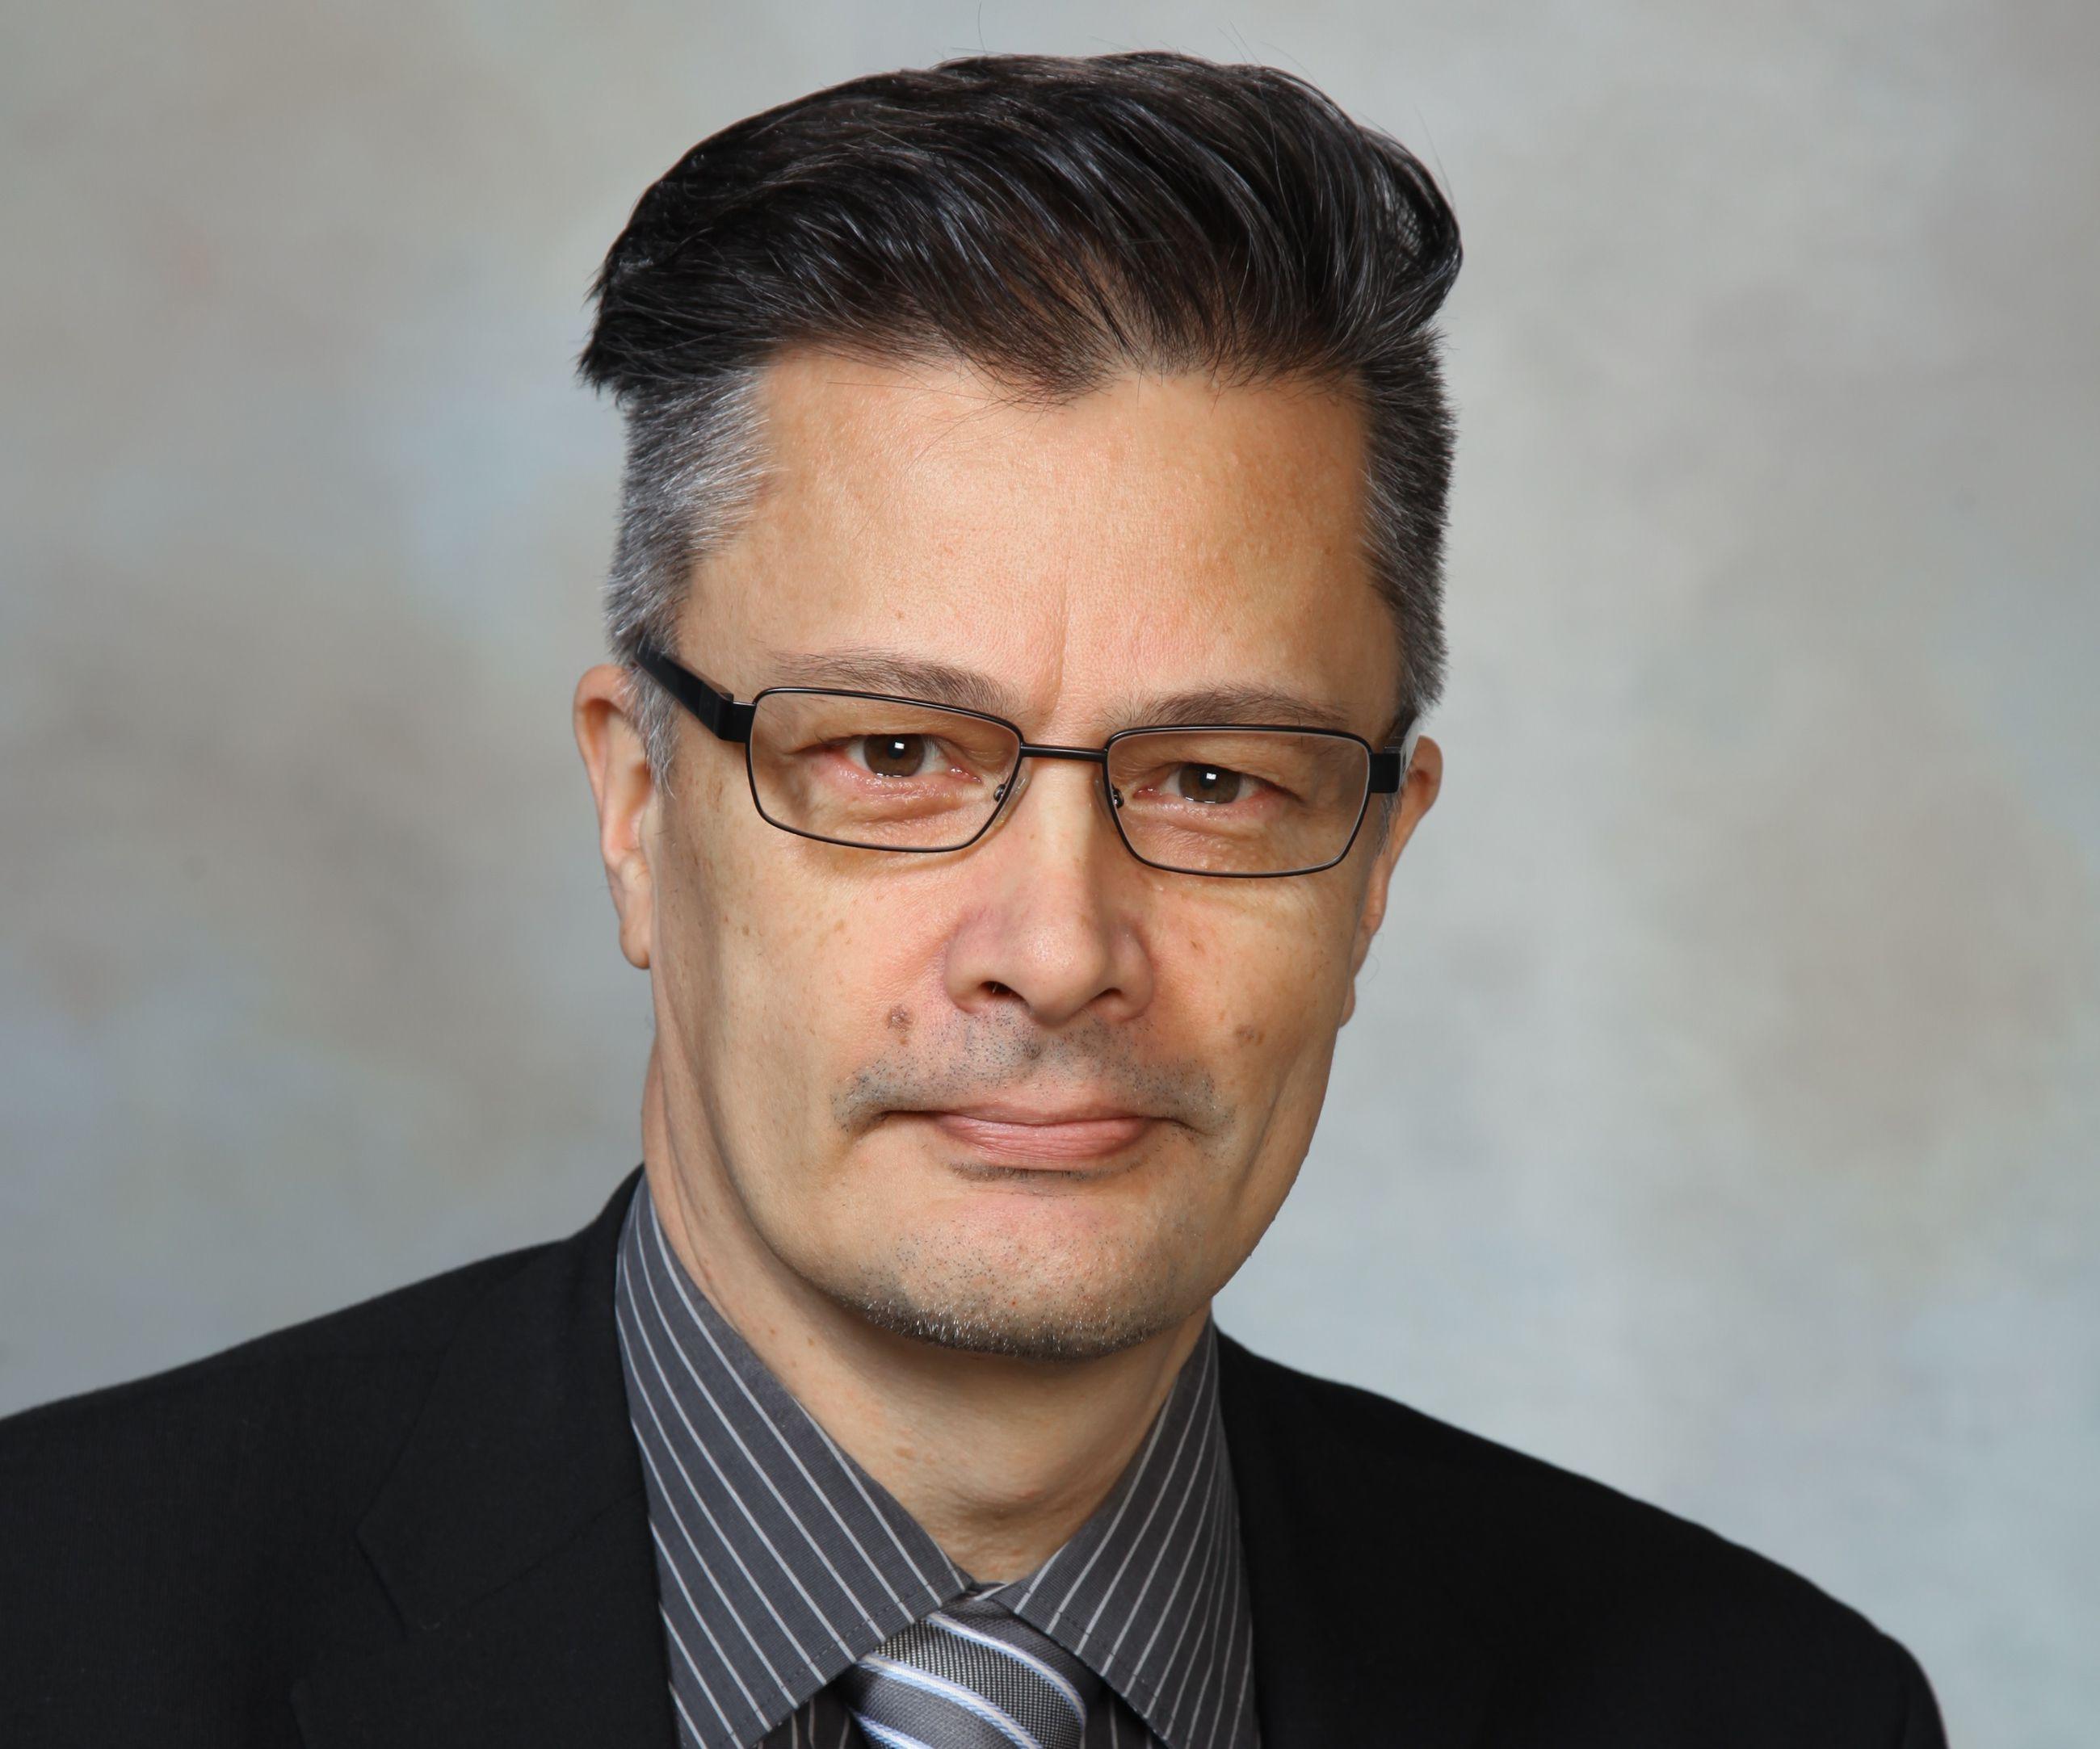 Olli Pekka Huohvanainen